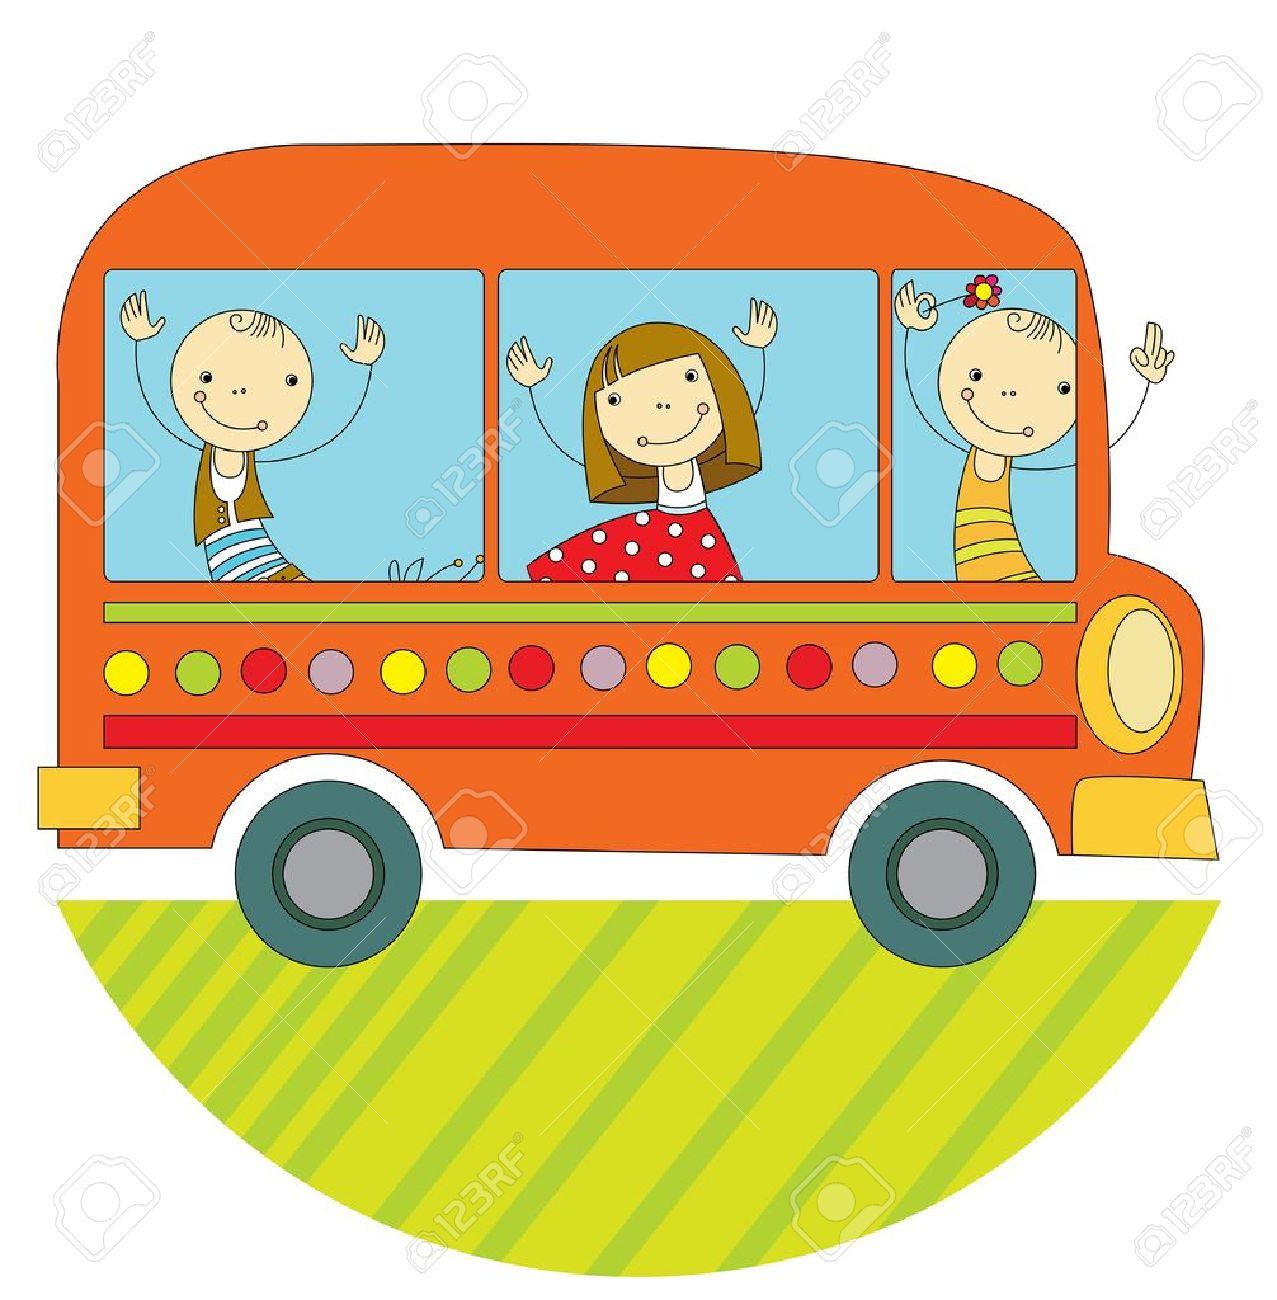 children travel by bus around the world - 21050461